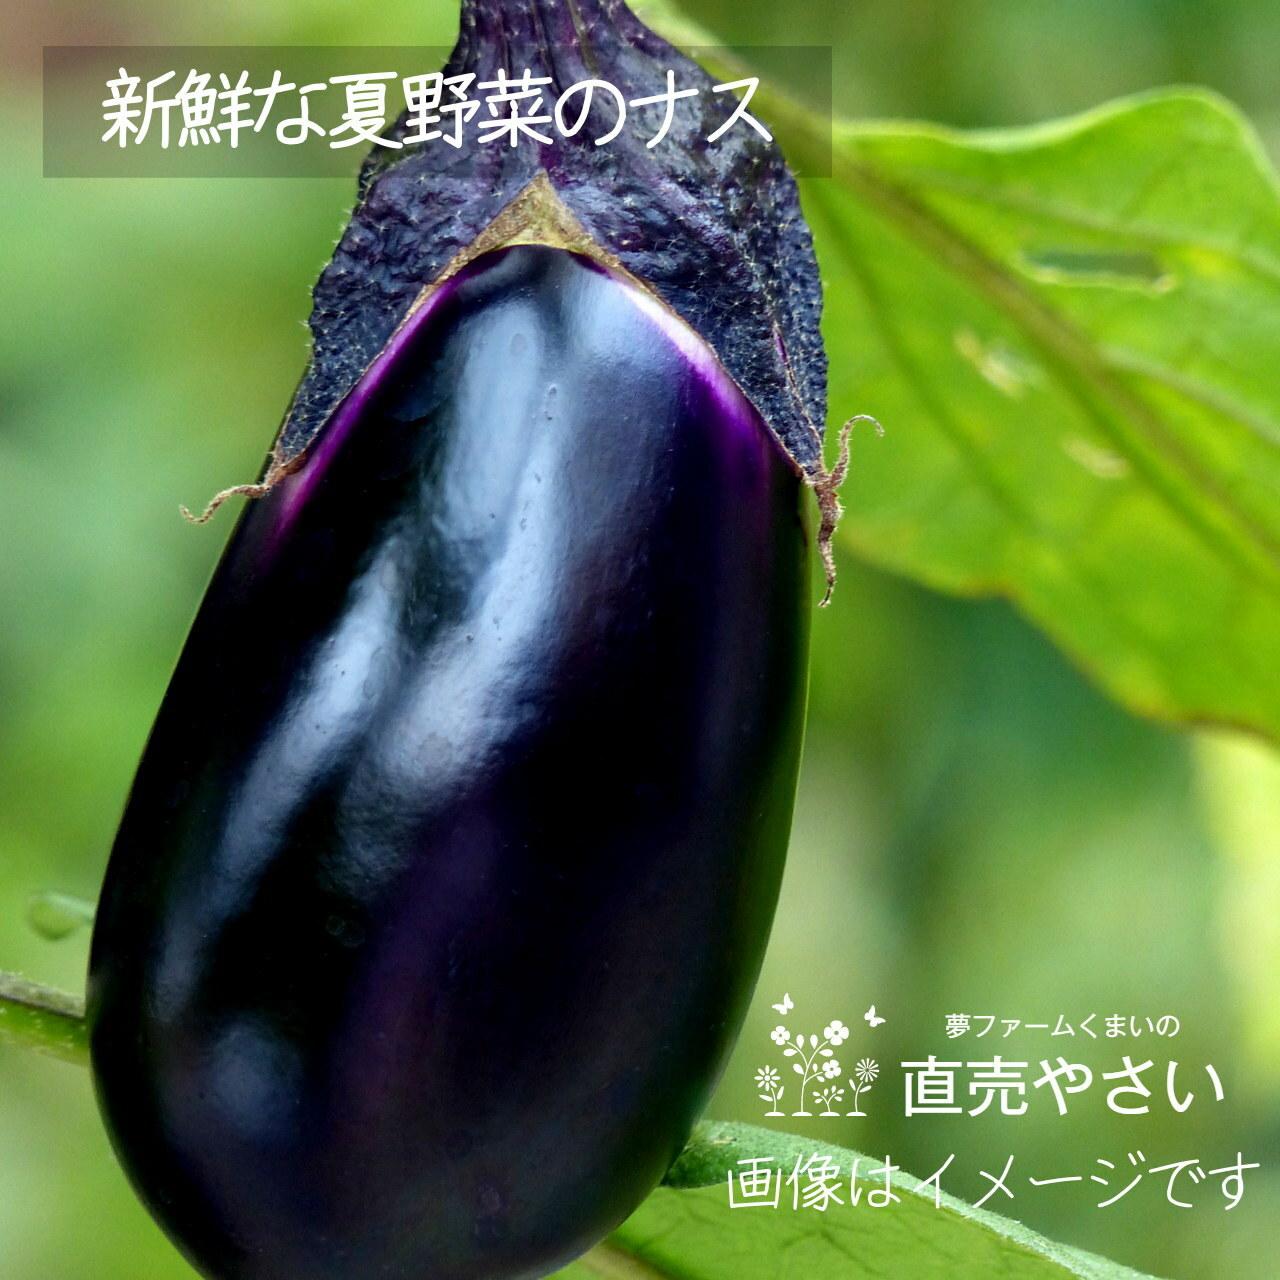 ナス 約400g 朝採り直売野菜 7月の新鮮な夏野菜 7月11日発送予定